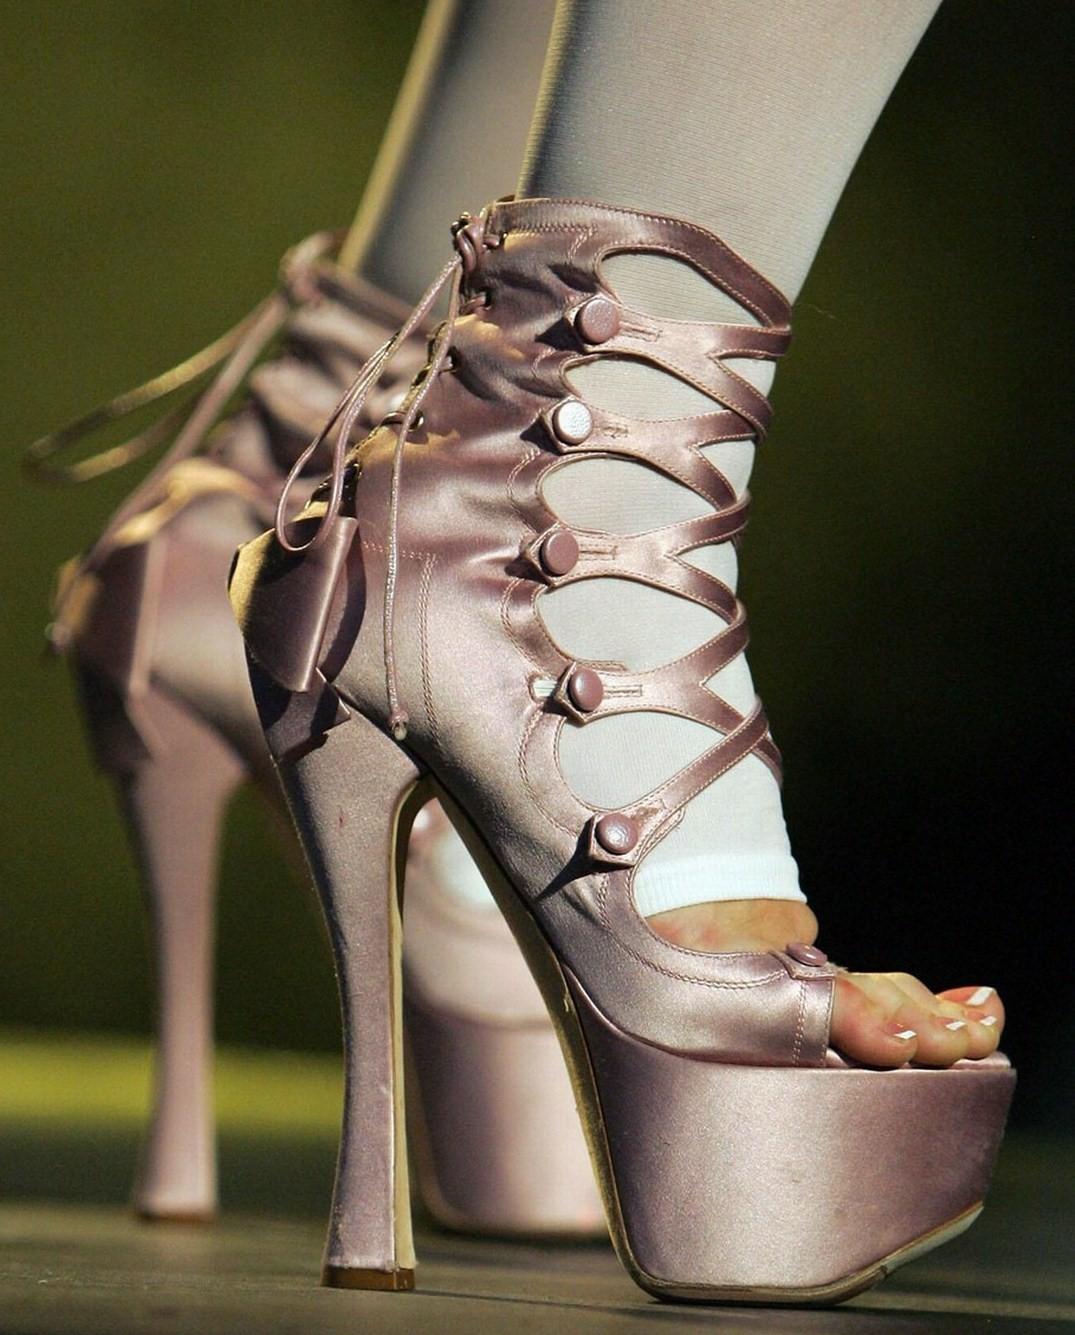 http://2.bp.blogspot.com/_bQ0SqifjNcg/TFJpnAsxCrI/AAAAAAAAZ2E/u-_G2Qb7vco/s1600/gwen-stefani-feet.jpg